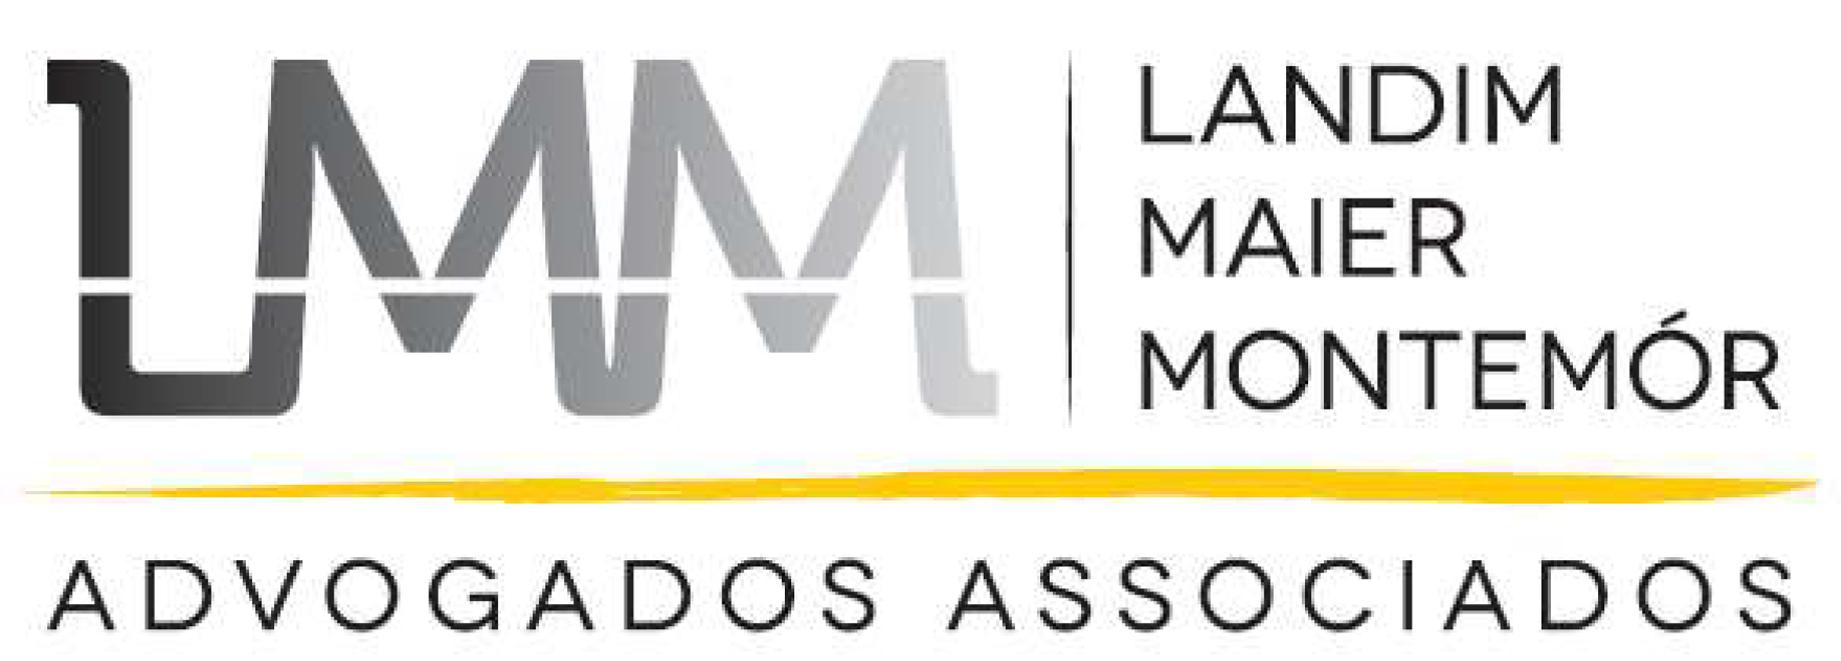 LMM Advogados